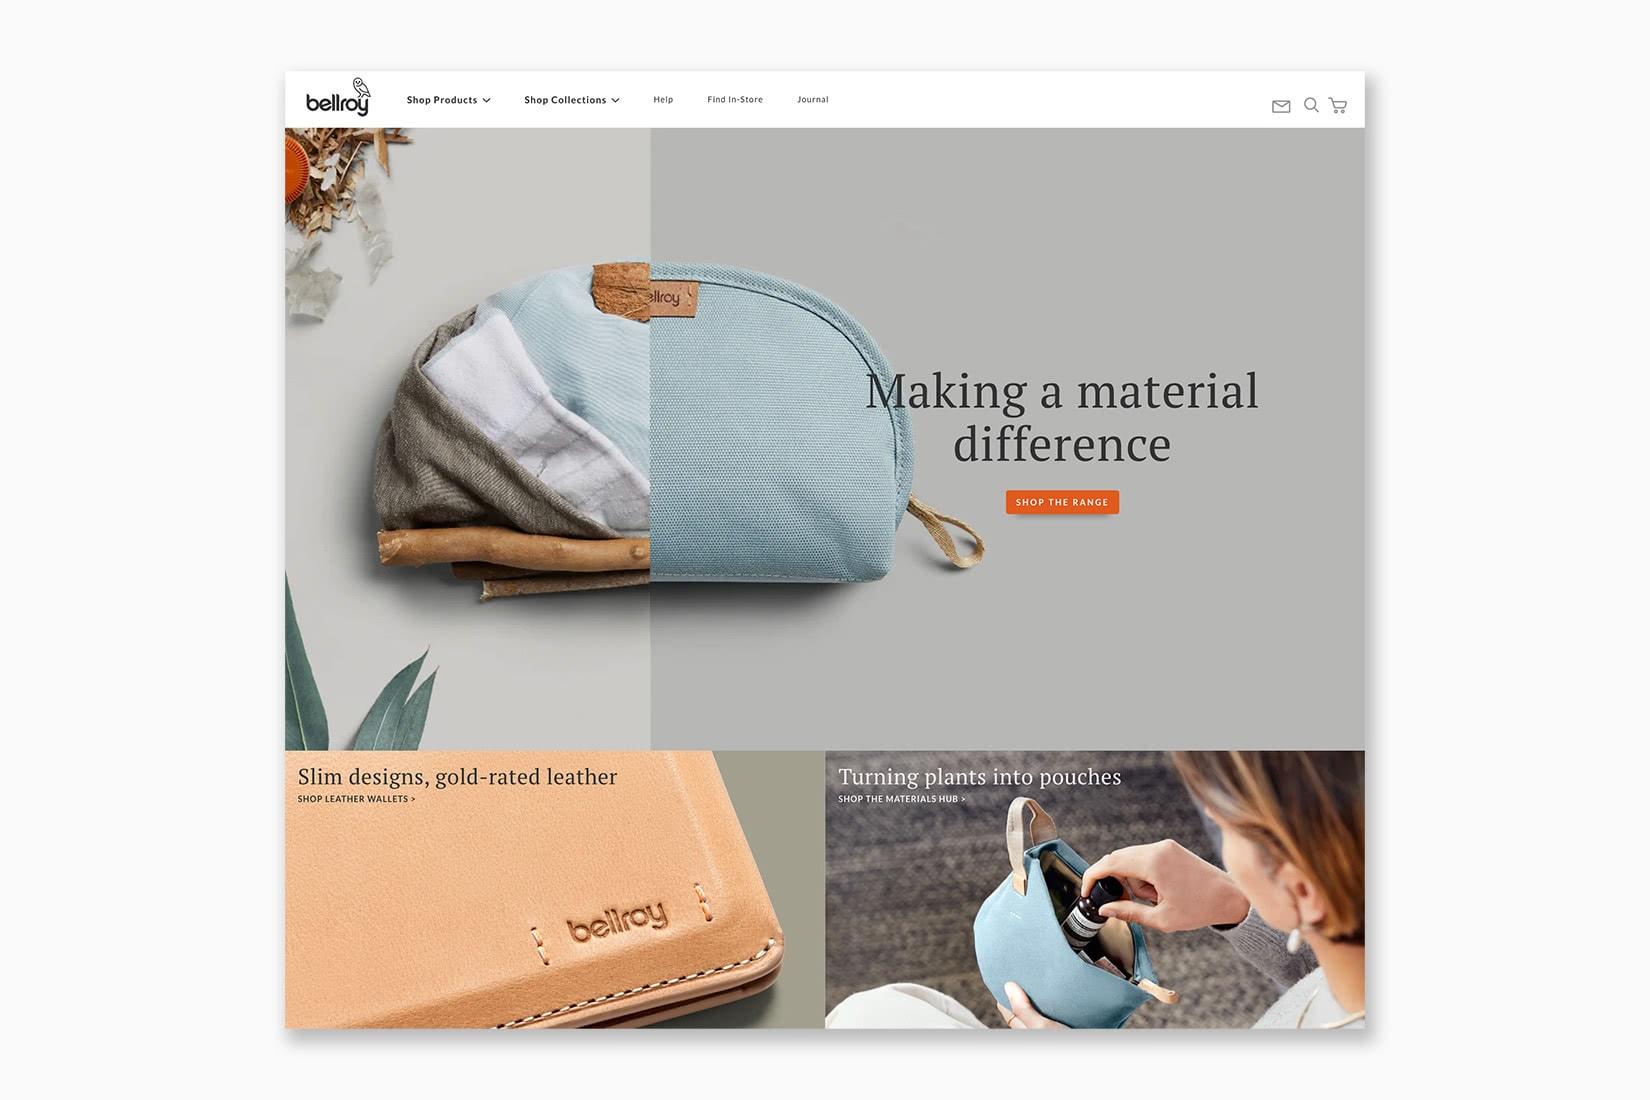 best online shopping sites women Bellroy - Luxe Digital